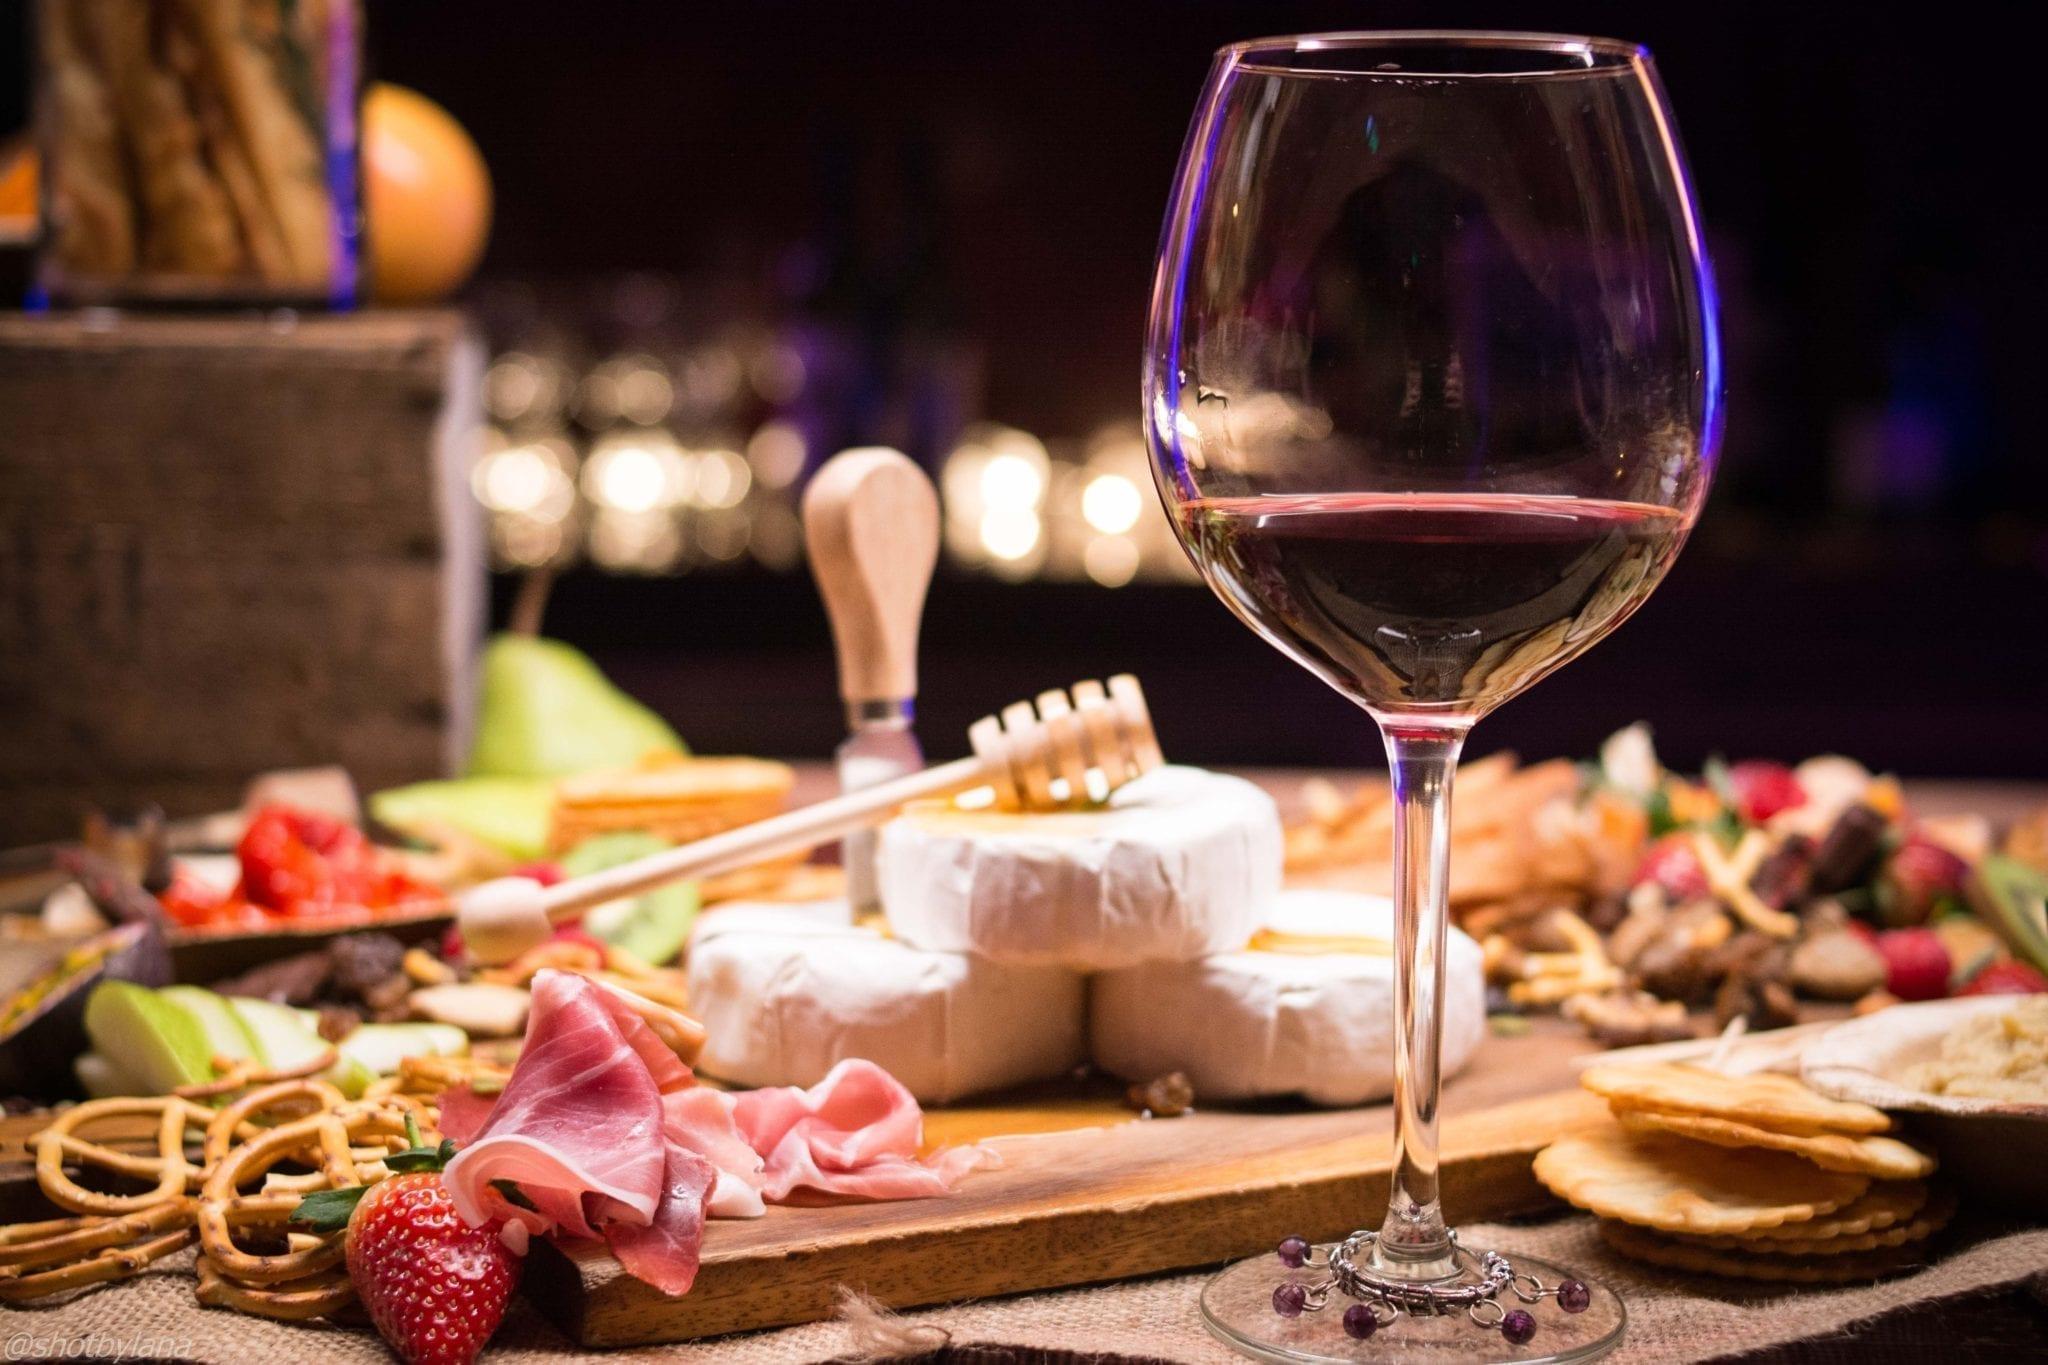 Kuinka vetää ruoka- ja juomatapahtuma: Säilytä viinin lämpötila oikeana ja yhdistä se sopivaan ruokaan.